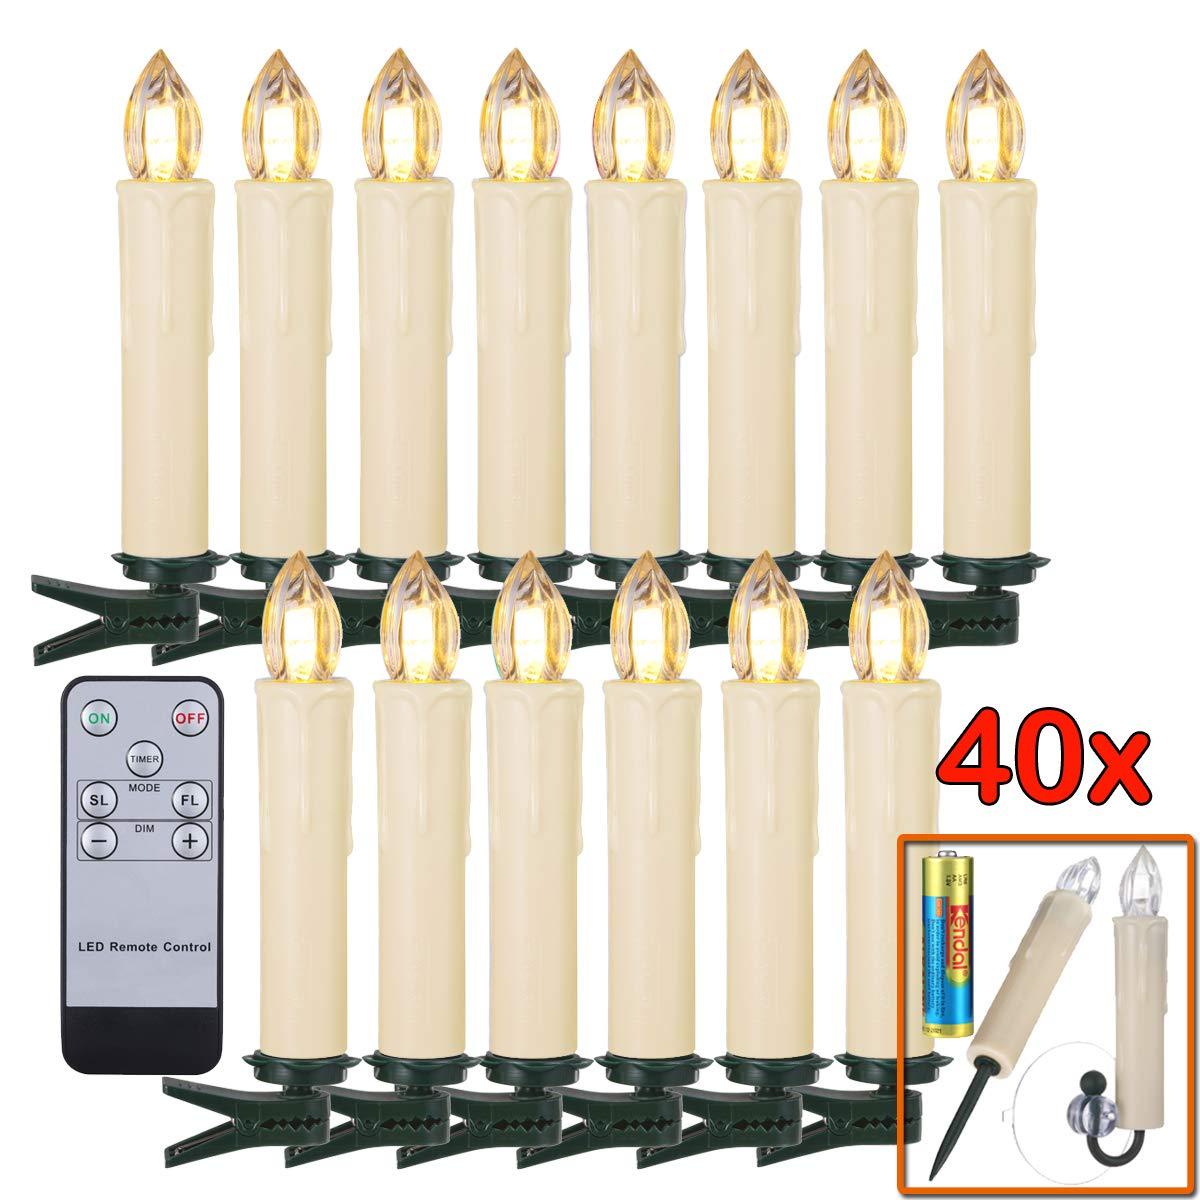 LED Kerzen [Batterien, Fernbedienung, Timer und Dimmbar] Kerzenlichter Flammenlose Weihnachtskerzen für Auß-Innen wasserdicht Weihnachtsbaum Weihnachtsdeko Hochzeit Geburtstags Party (beige, 40 Stück)